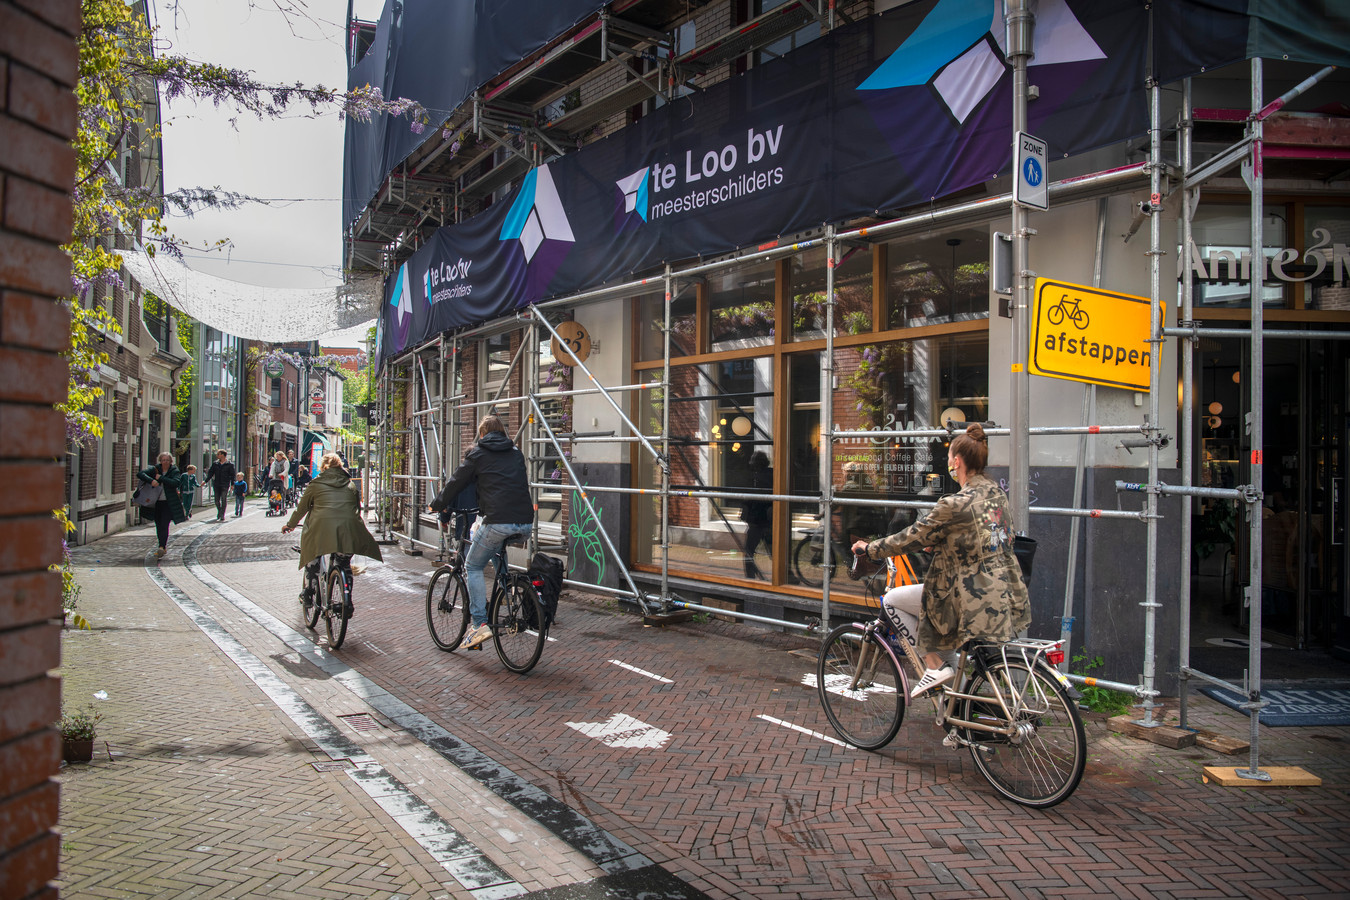 Fietsers in de binnenstad van Apeldoorn.